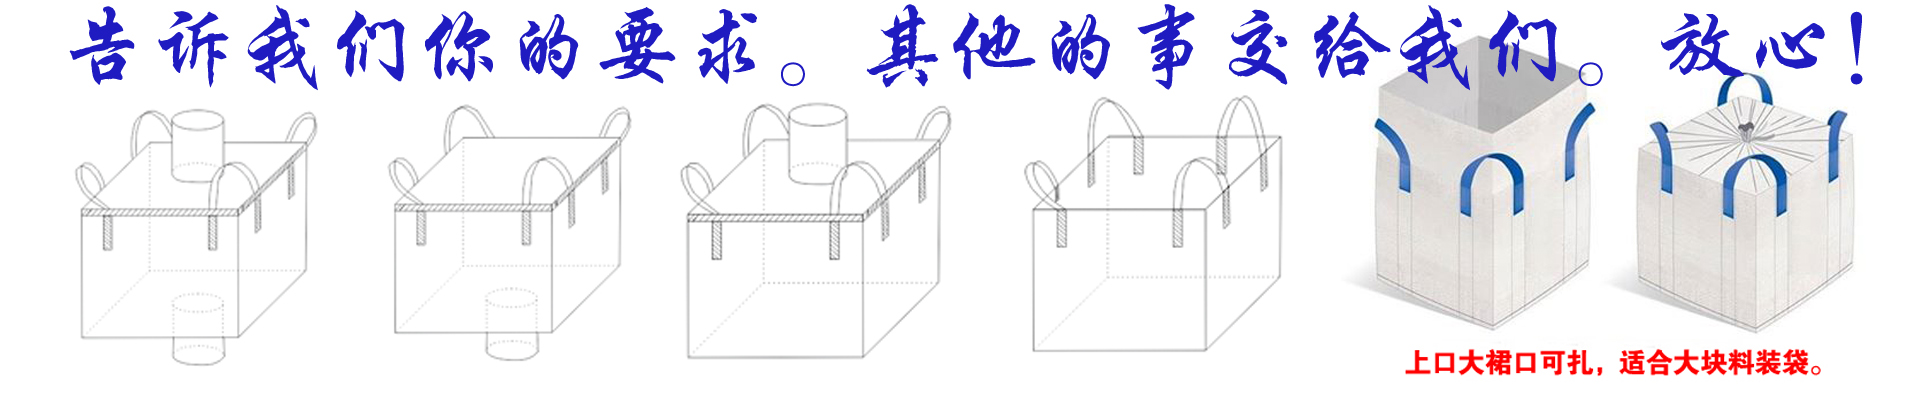 浦江县麟皓塑料包装袋有限公司